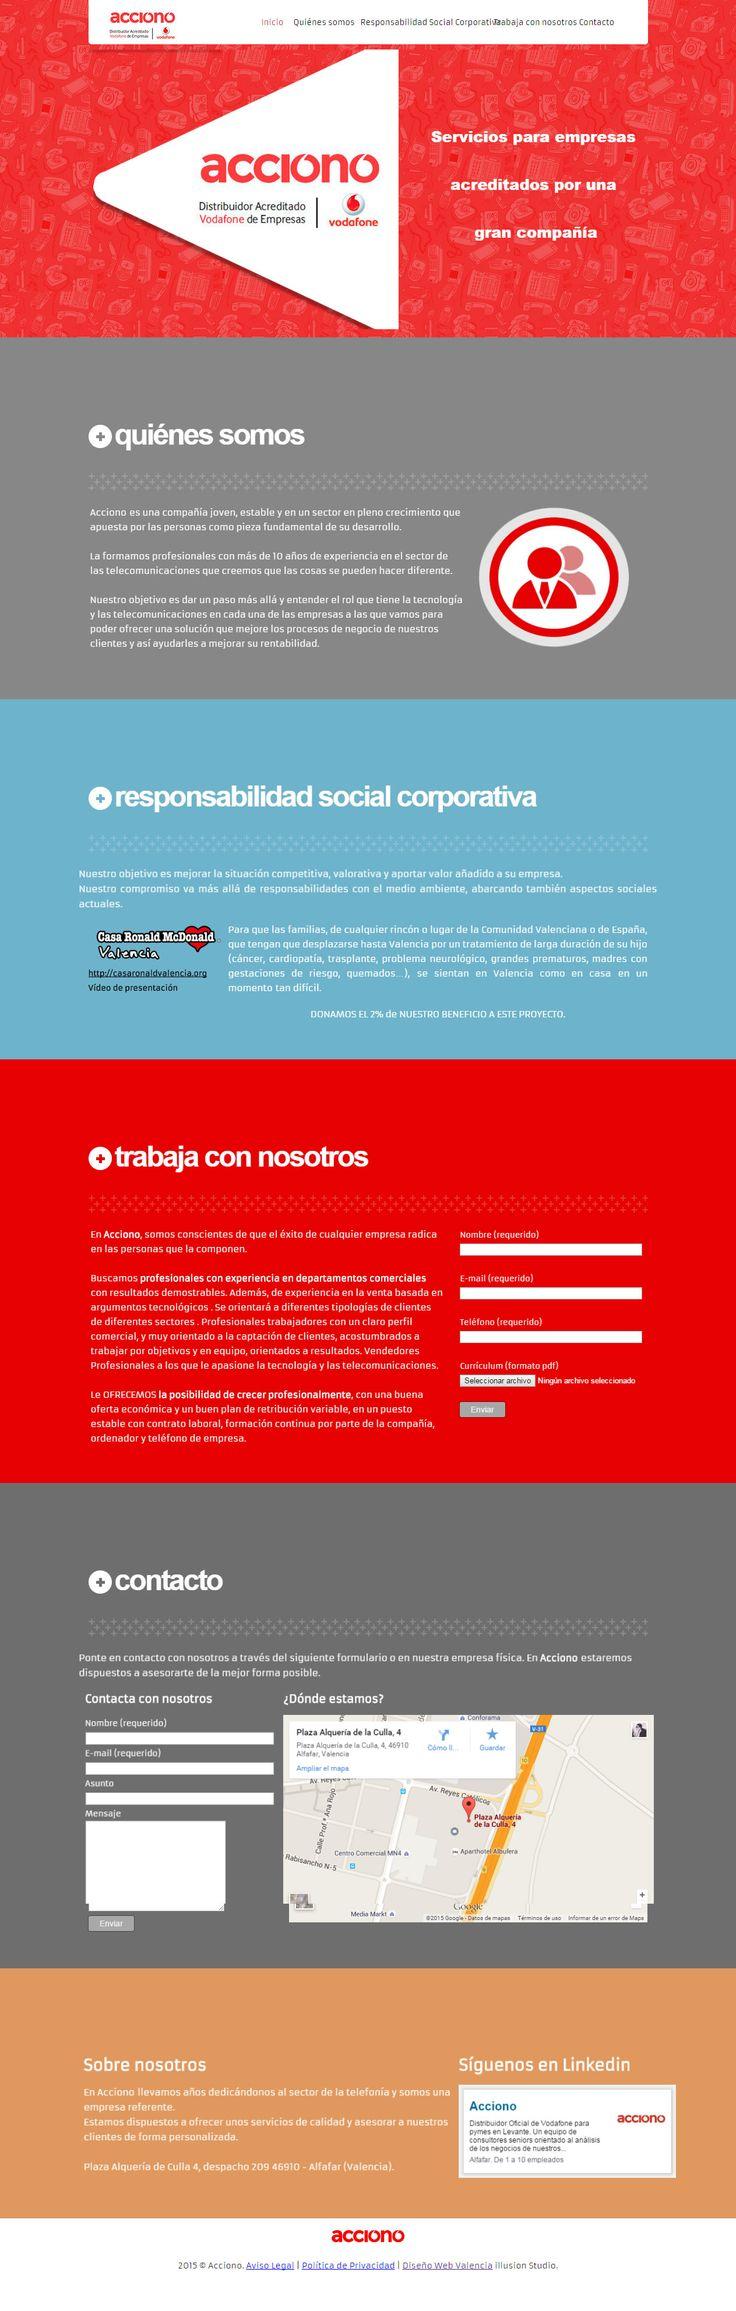 Proyecto de #diseño #web para la empresa Acciono, distribuidores oficiales de #Vodafone empresas. Es una #landingpage perfecta para mostrar limpiamente sus diferentes secciones a cerca de lo que hacen, cómo lo hacen y de qué manera se puede participar con ellos.